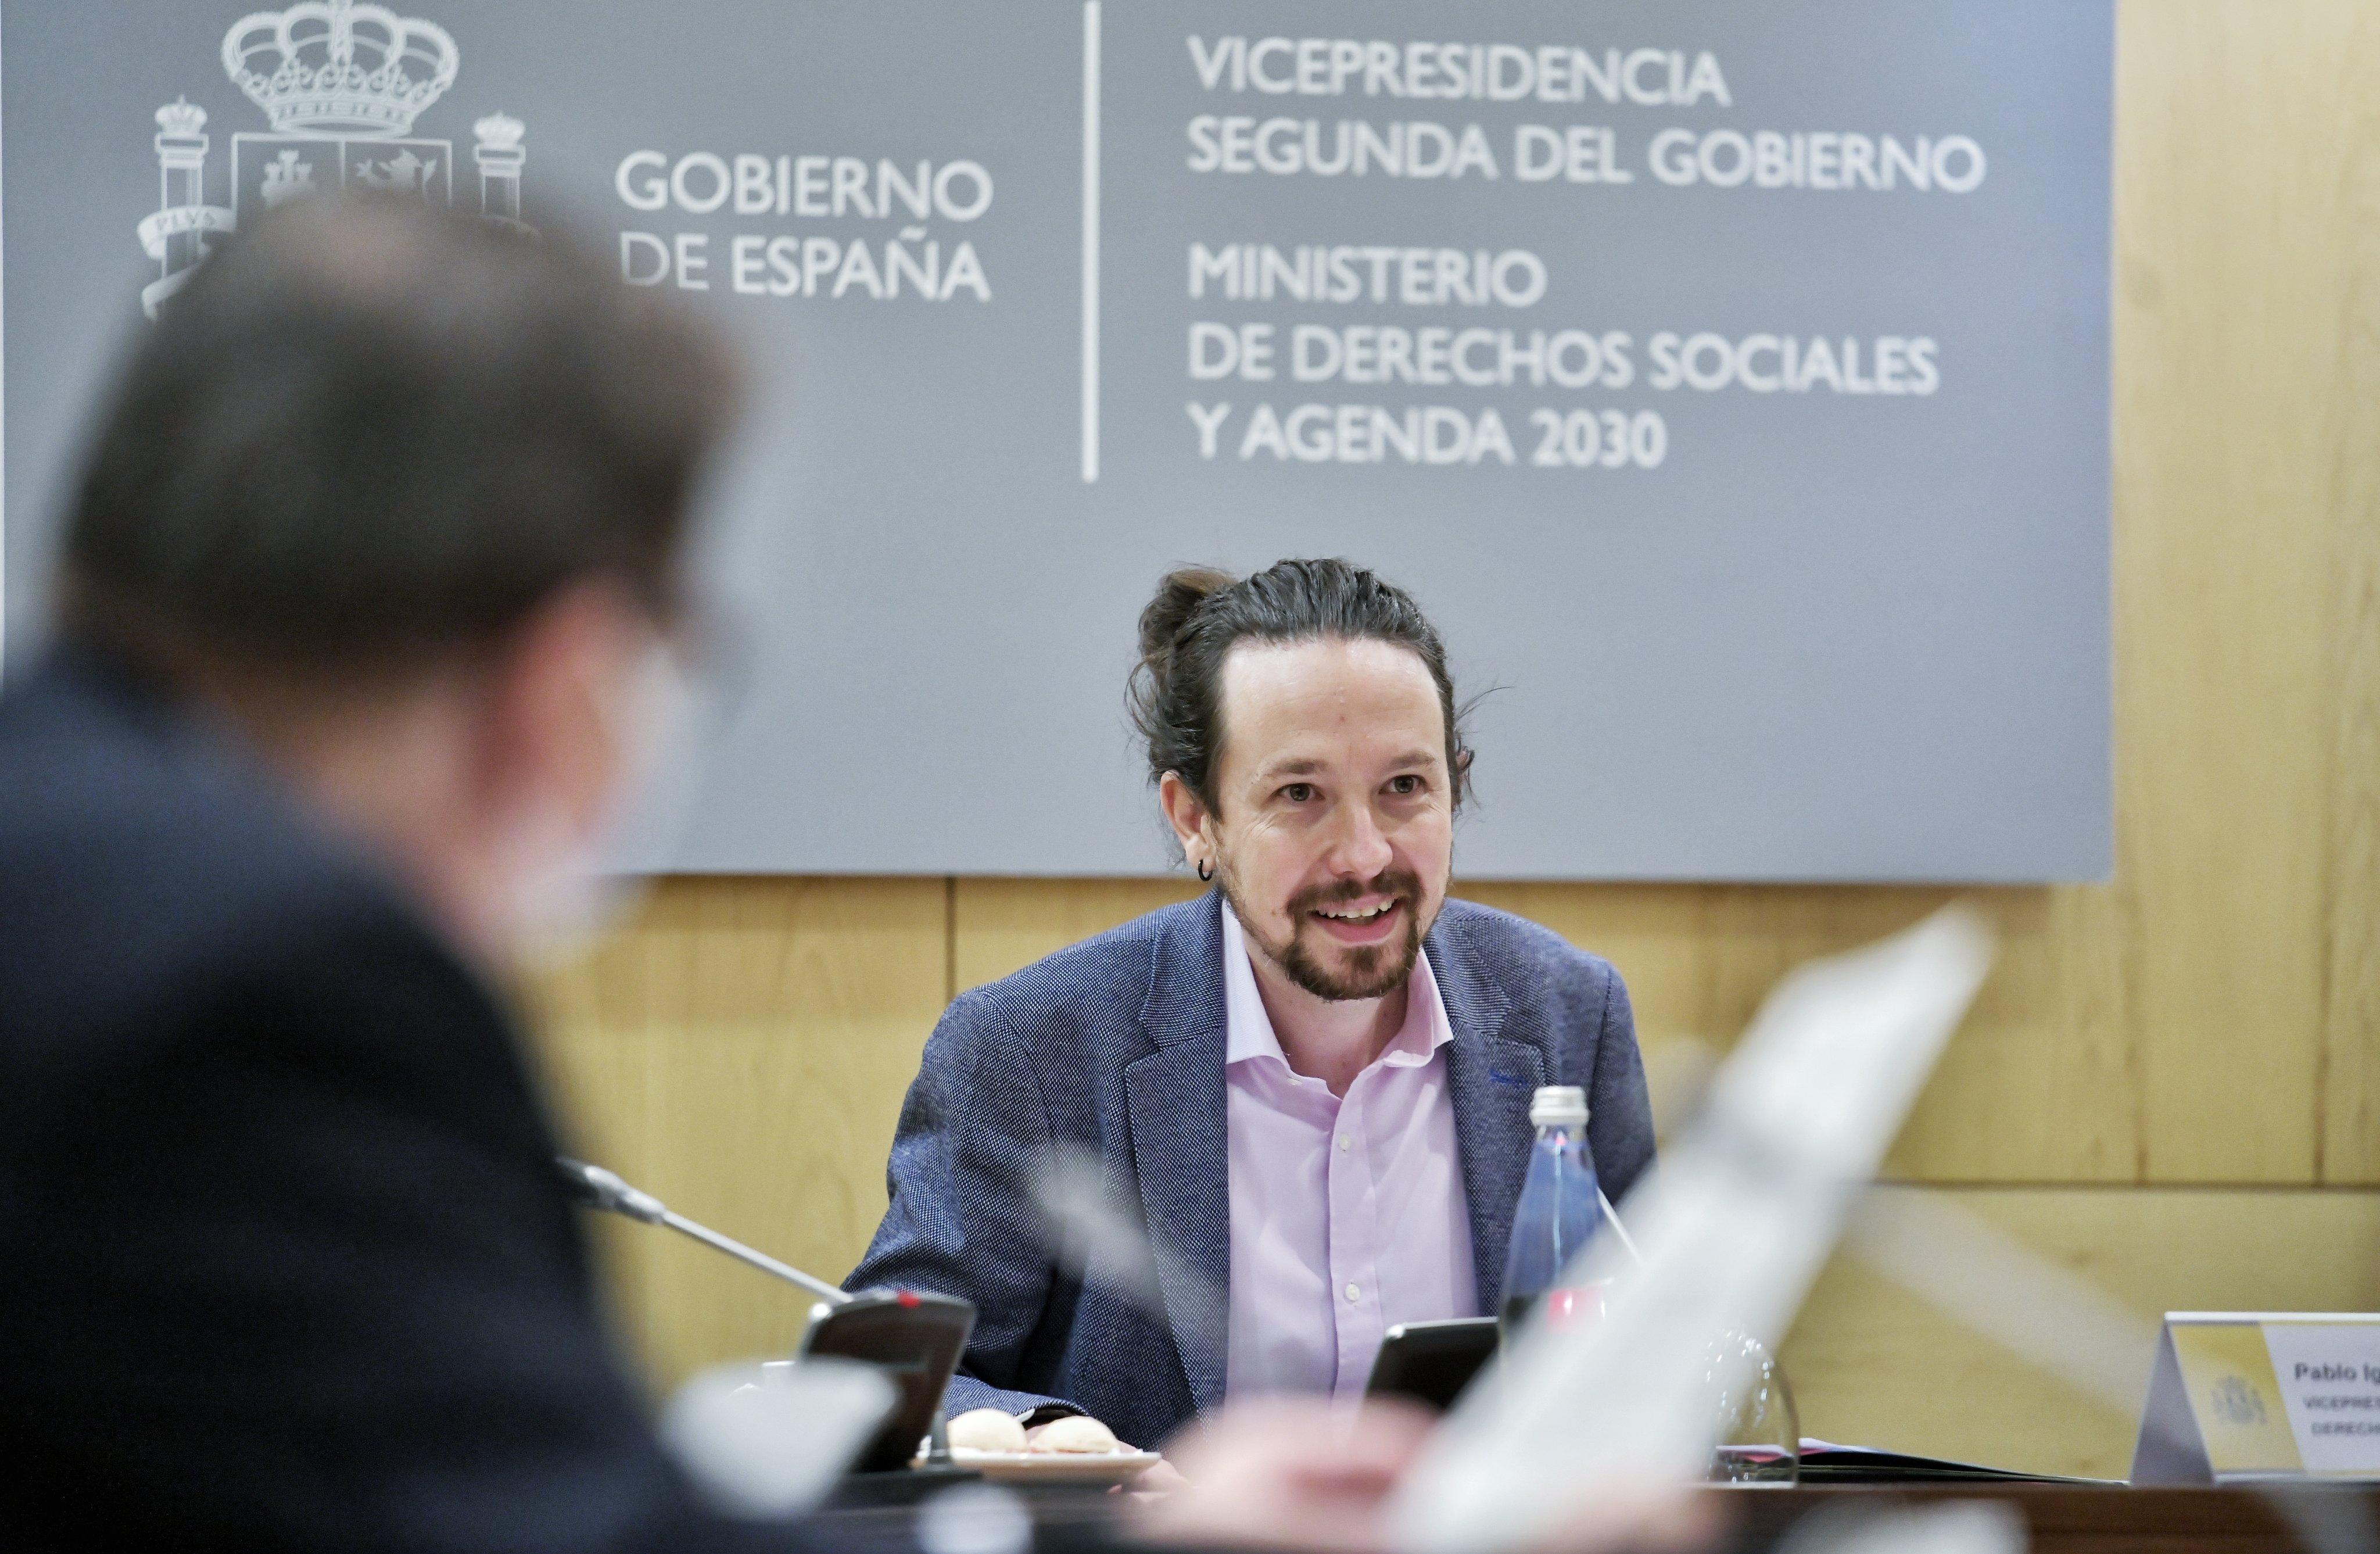 Pablo Iglesias en la Comisión Delegada para la Agenda 2030 (Foto: Vicepresidencia de Derechos Sociales).